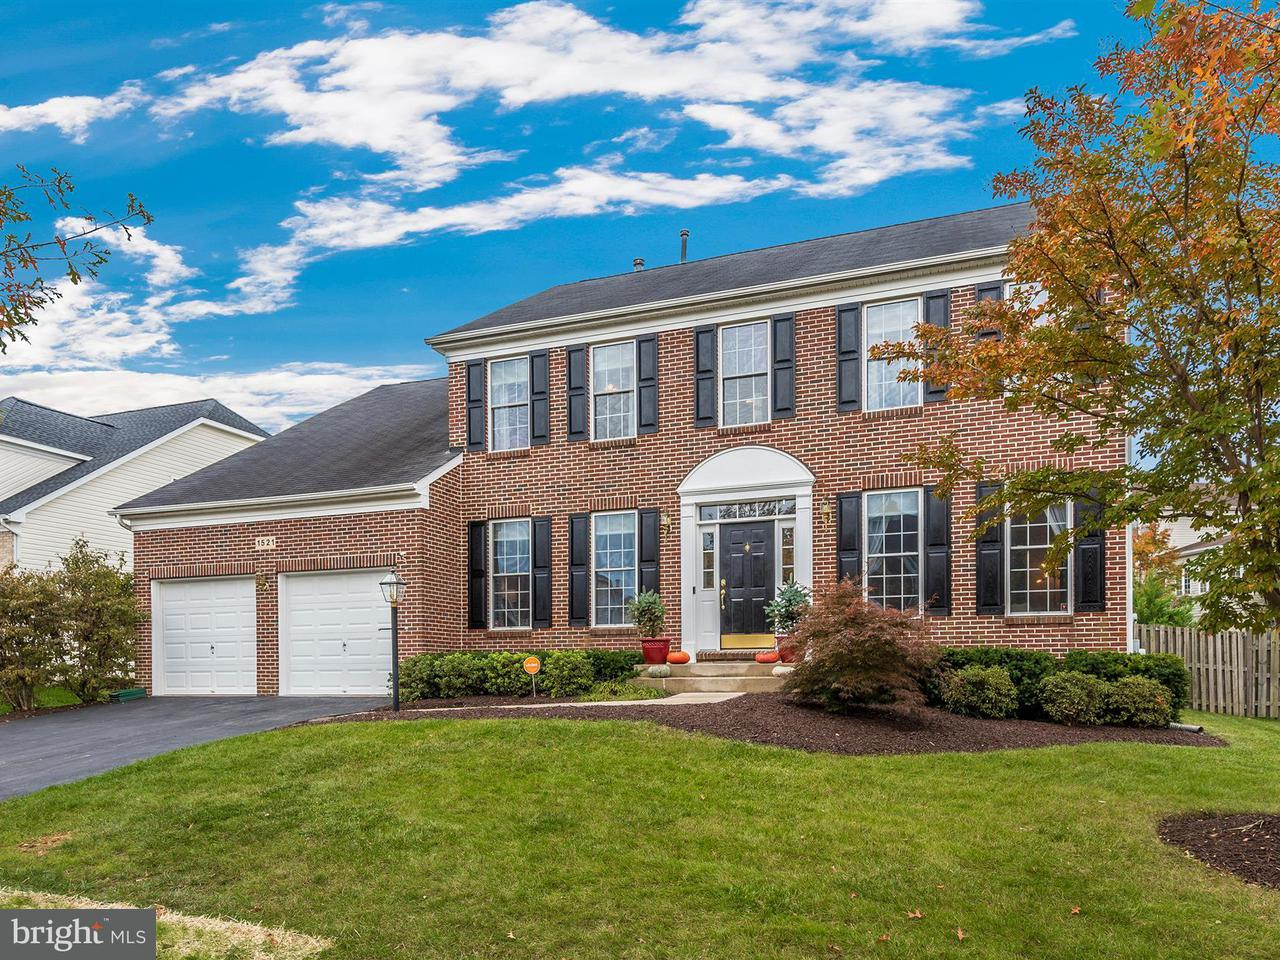 Einfamilienhaus für Verkauf beim 1521 STAR STELLA Drive 1521 STAR STELLA Drive Odenton, Maryland 21113 Vereinigte Staaten